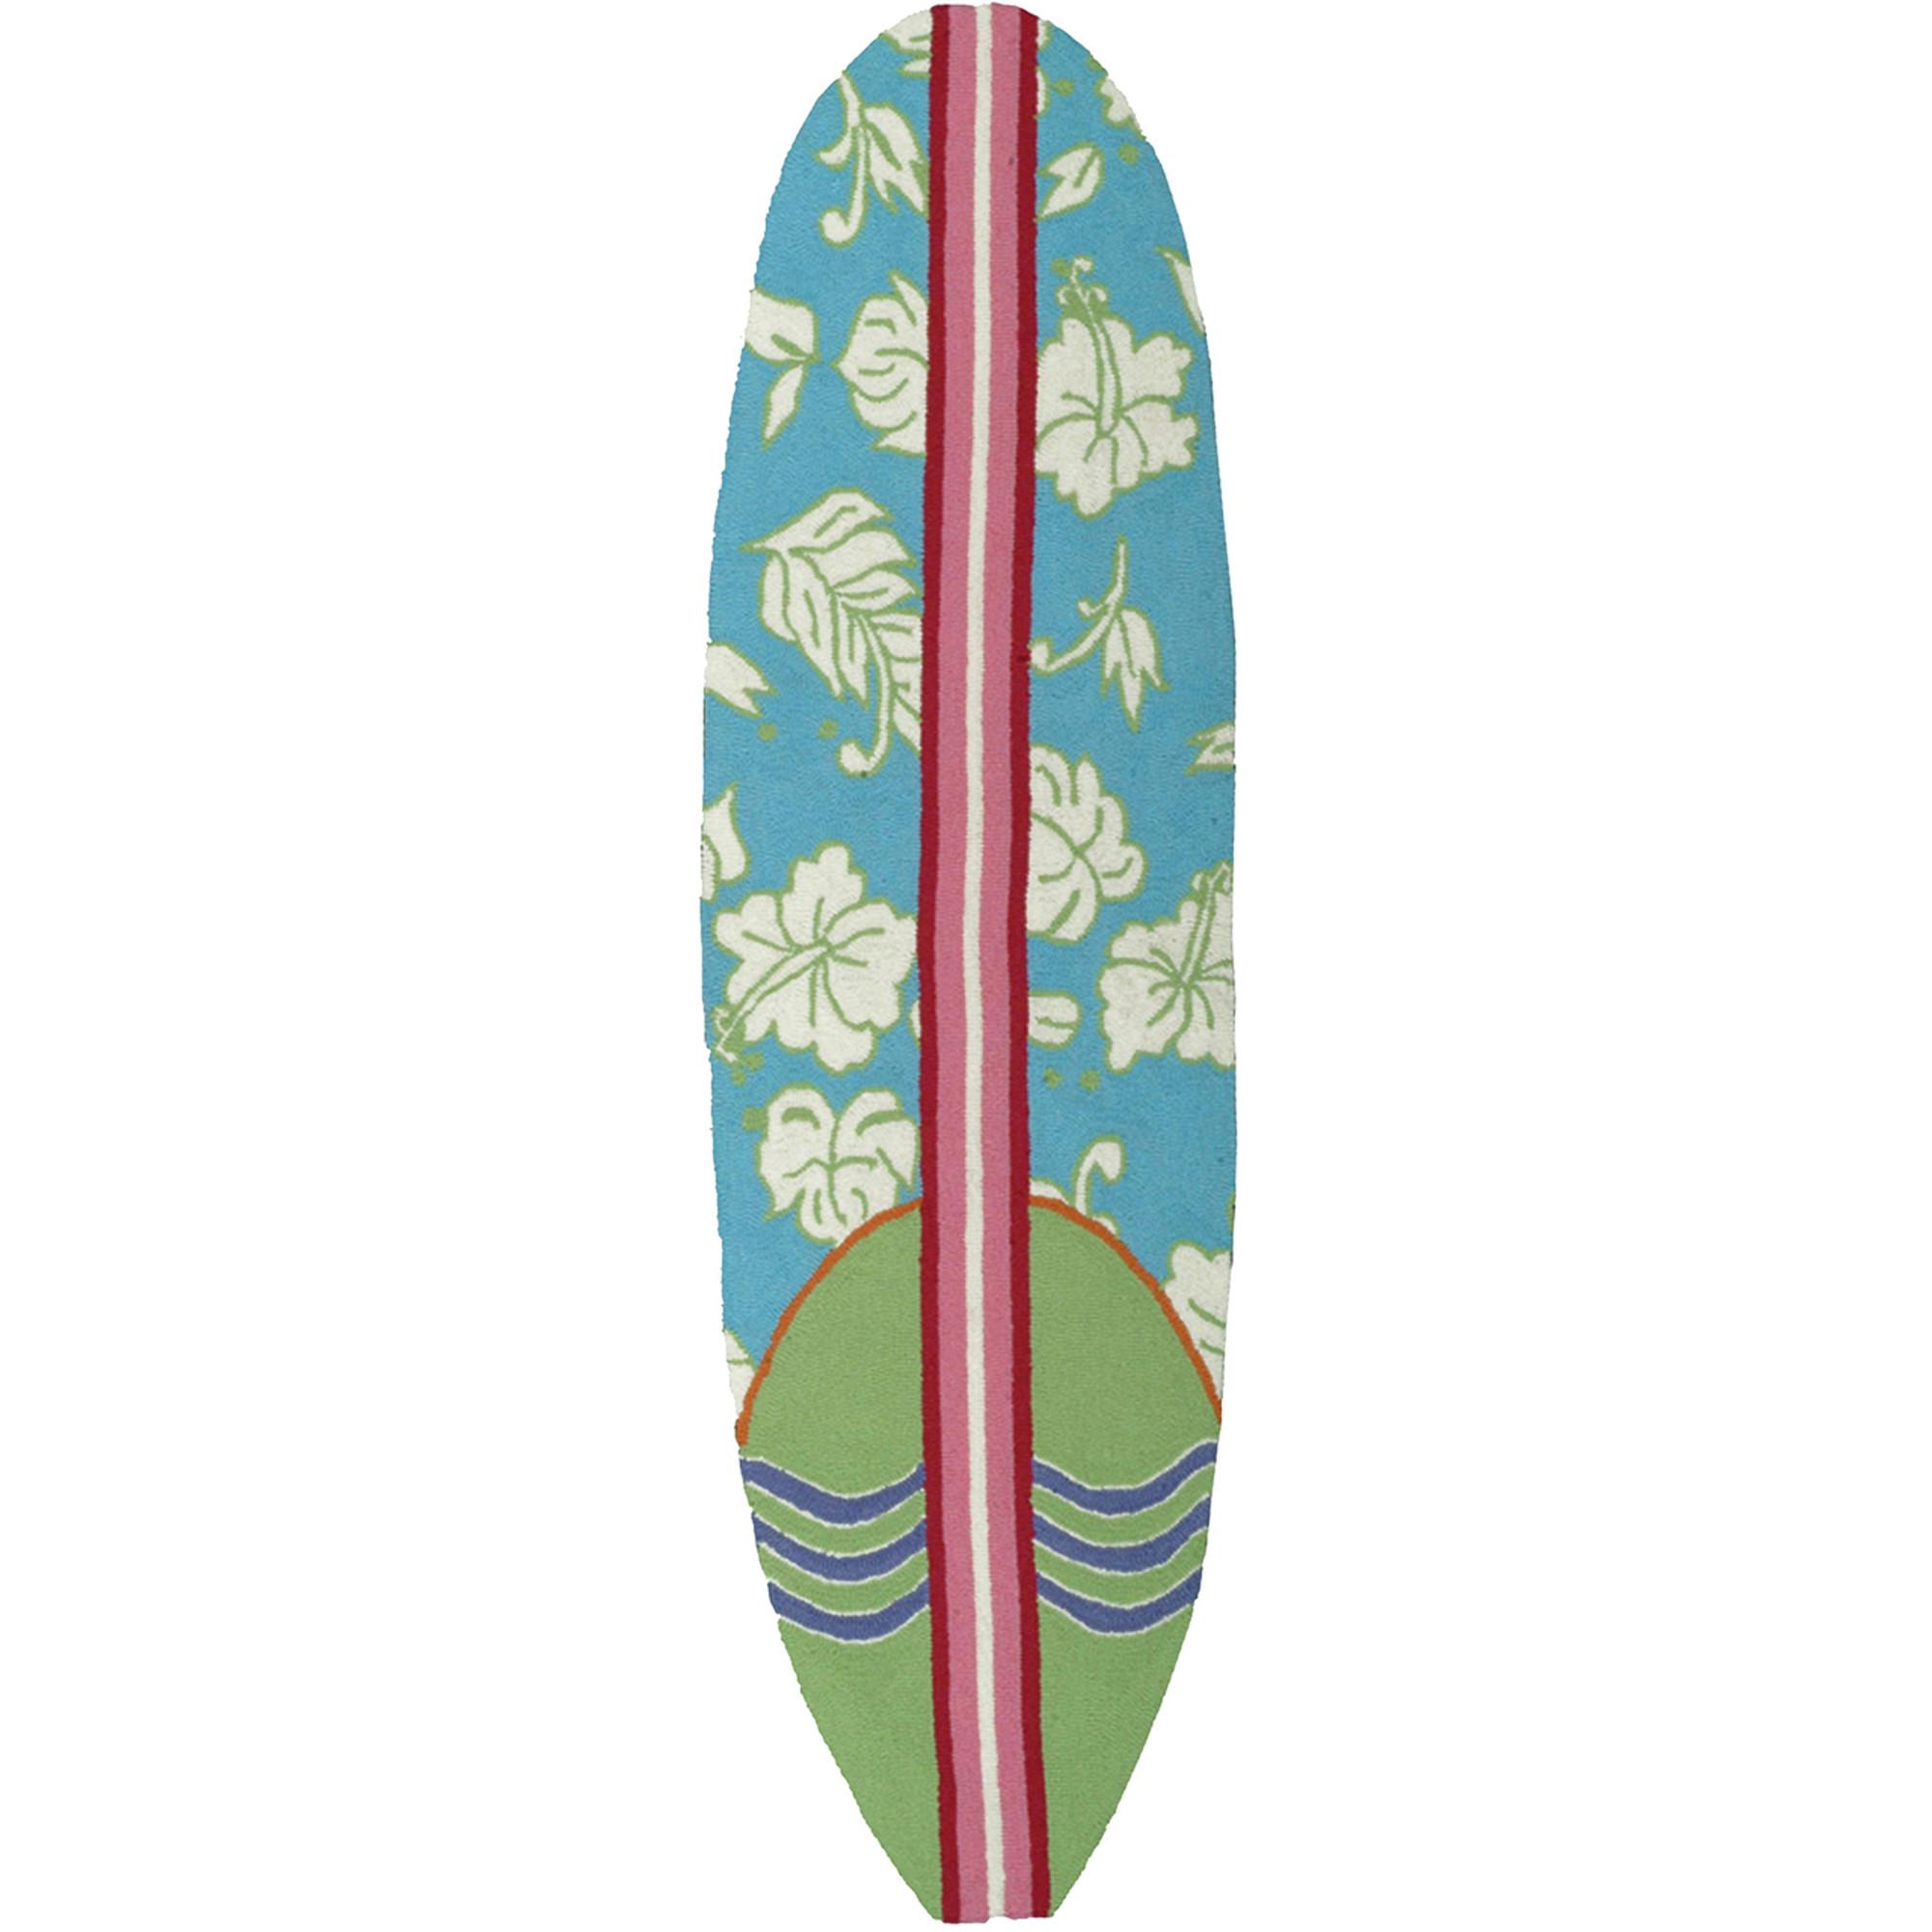 Surfboard - Hawaiian Turquoise